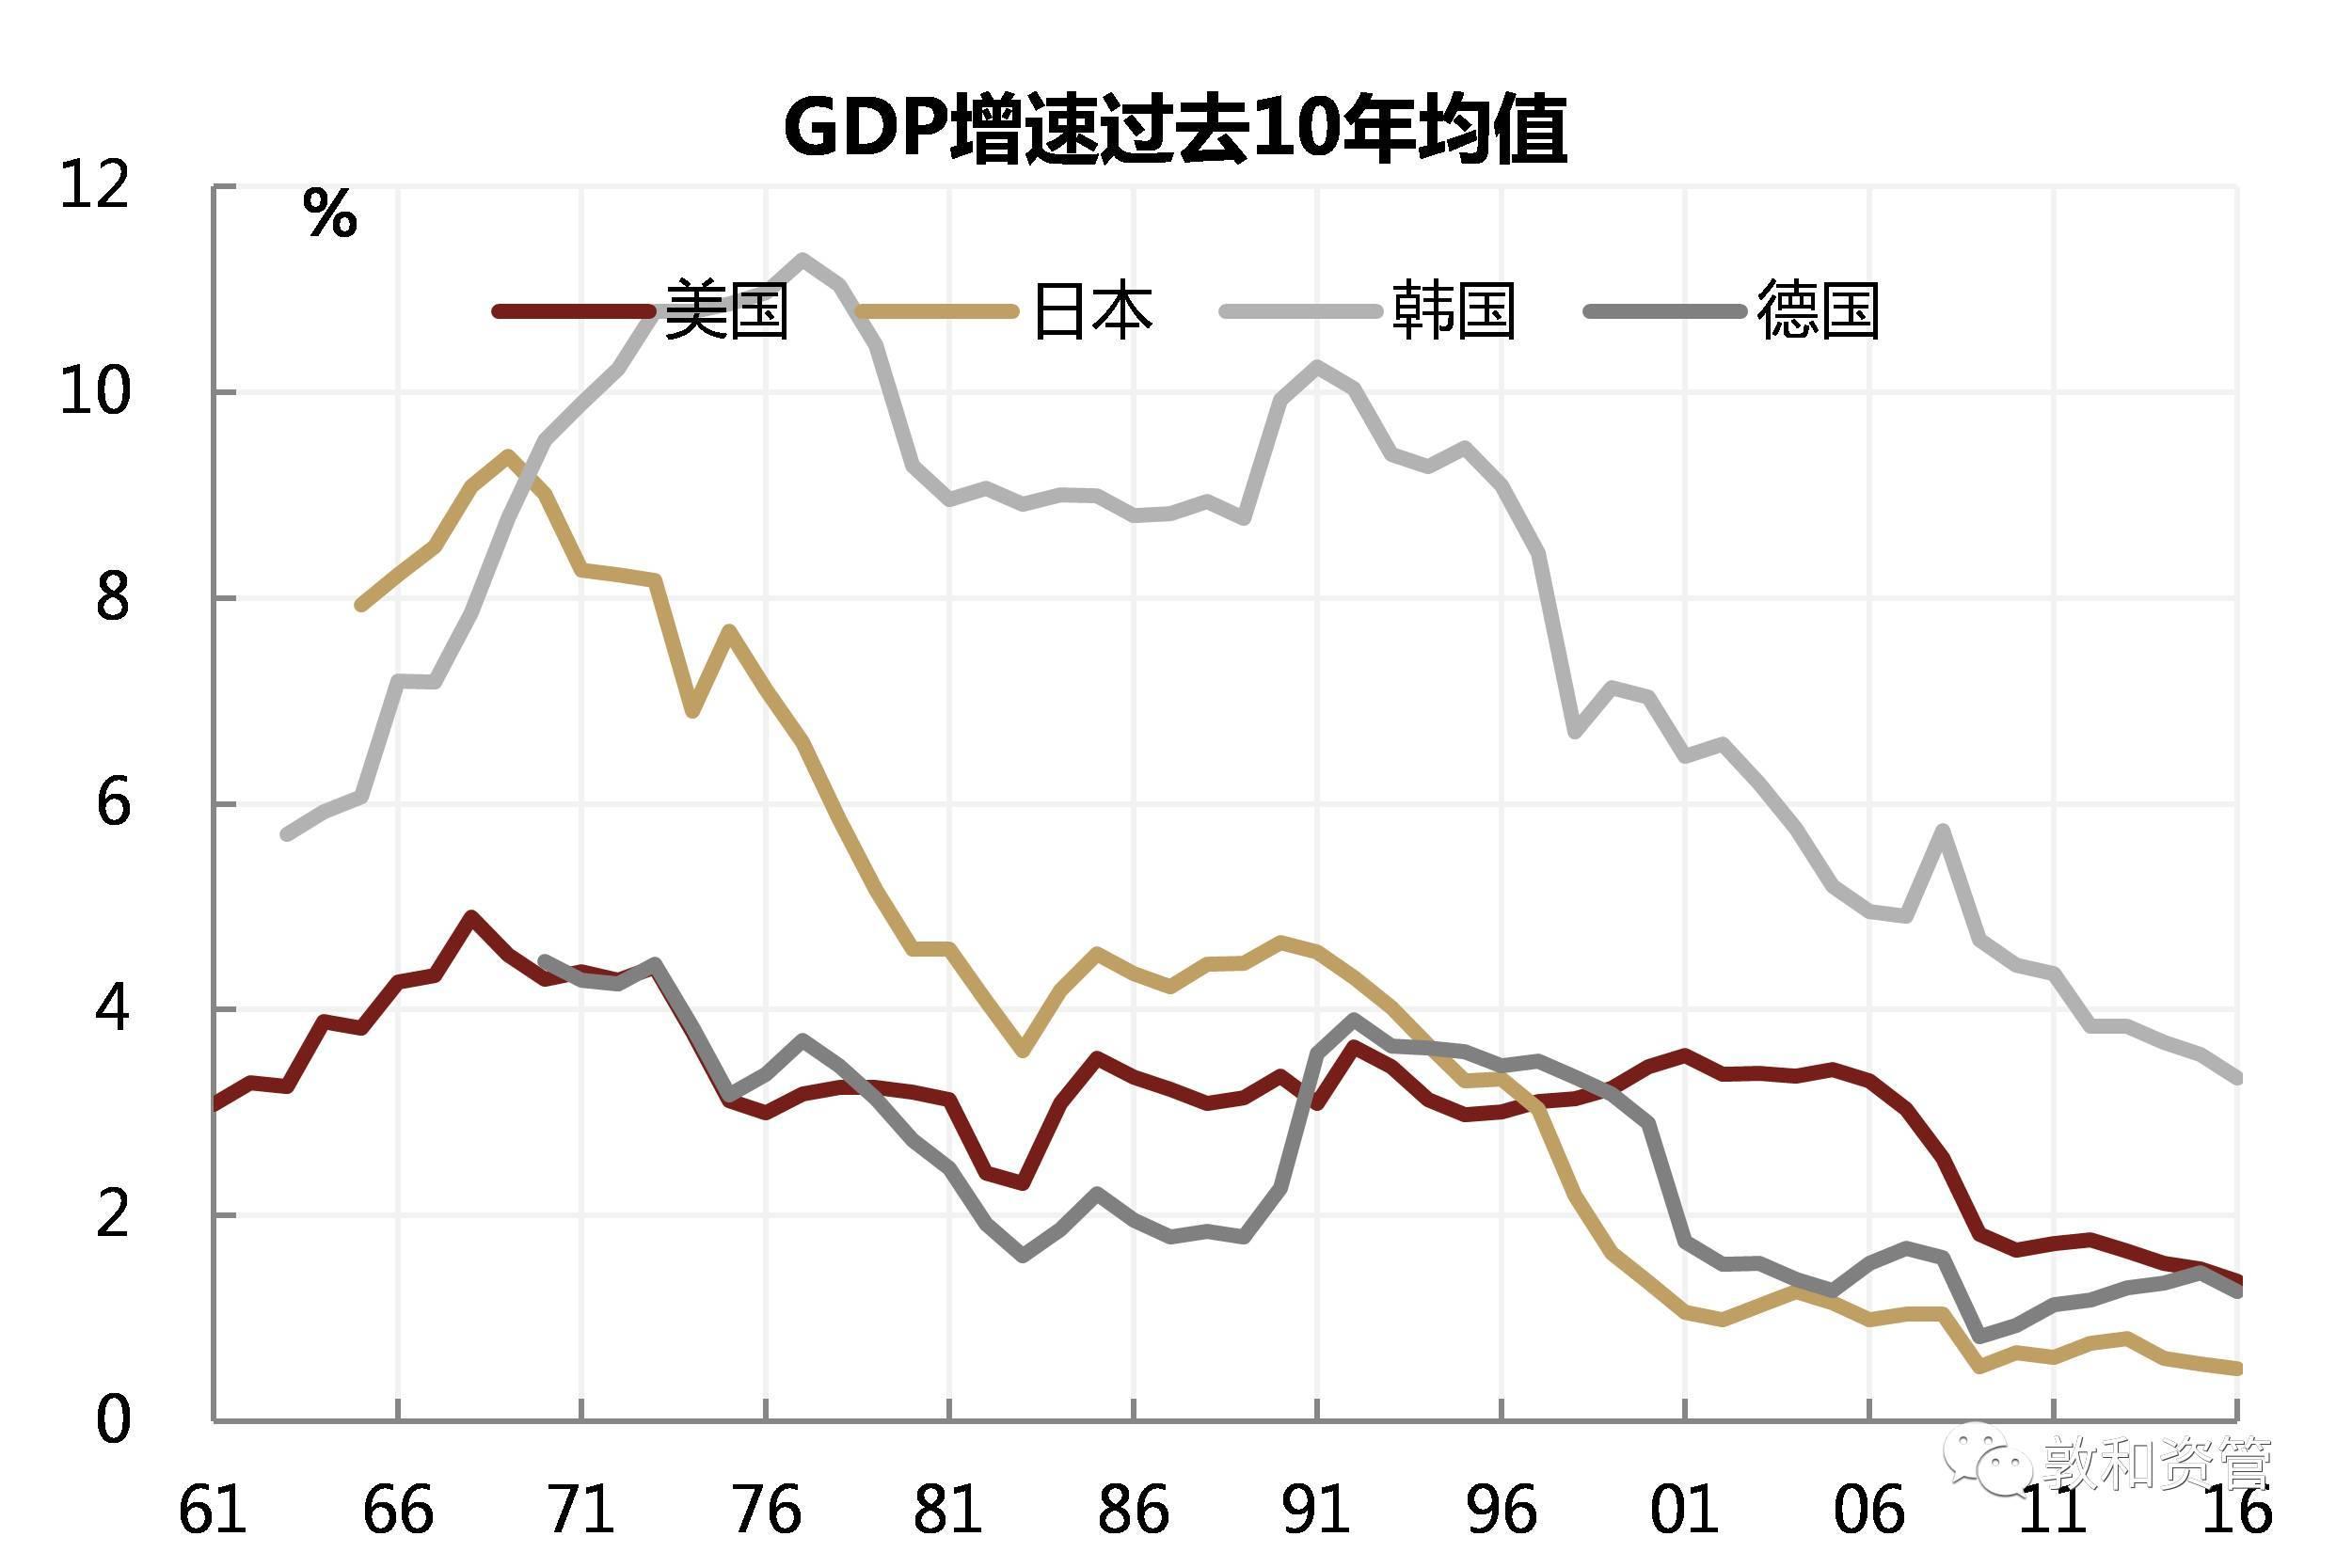 中国gdp增长原因_中国gdp增长图